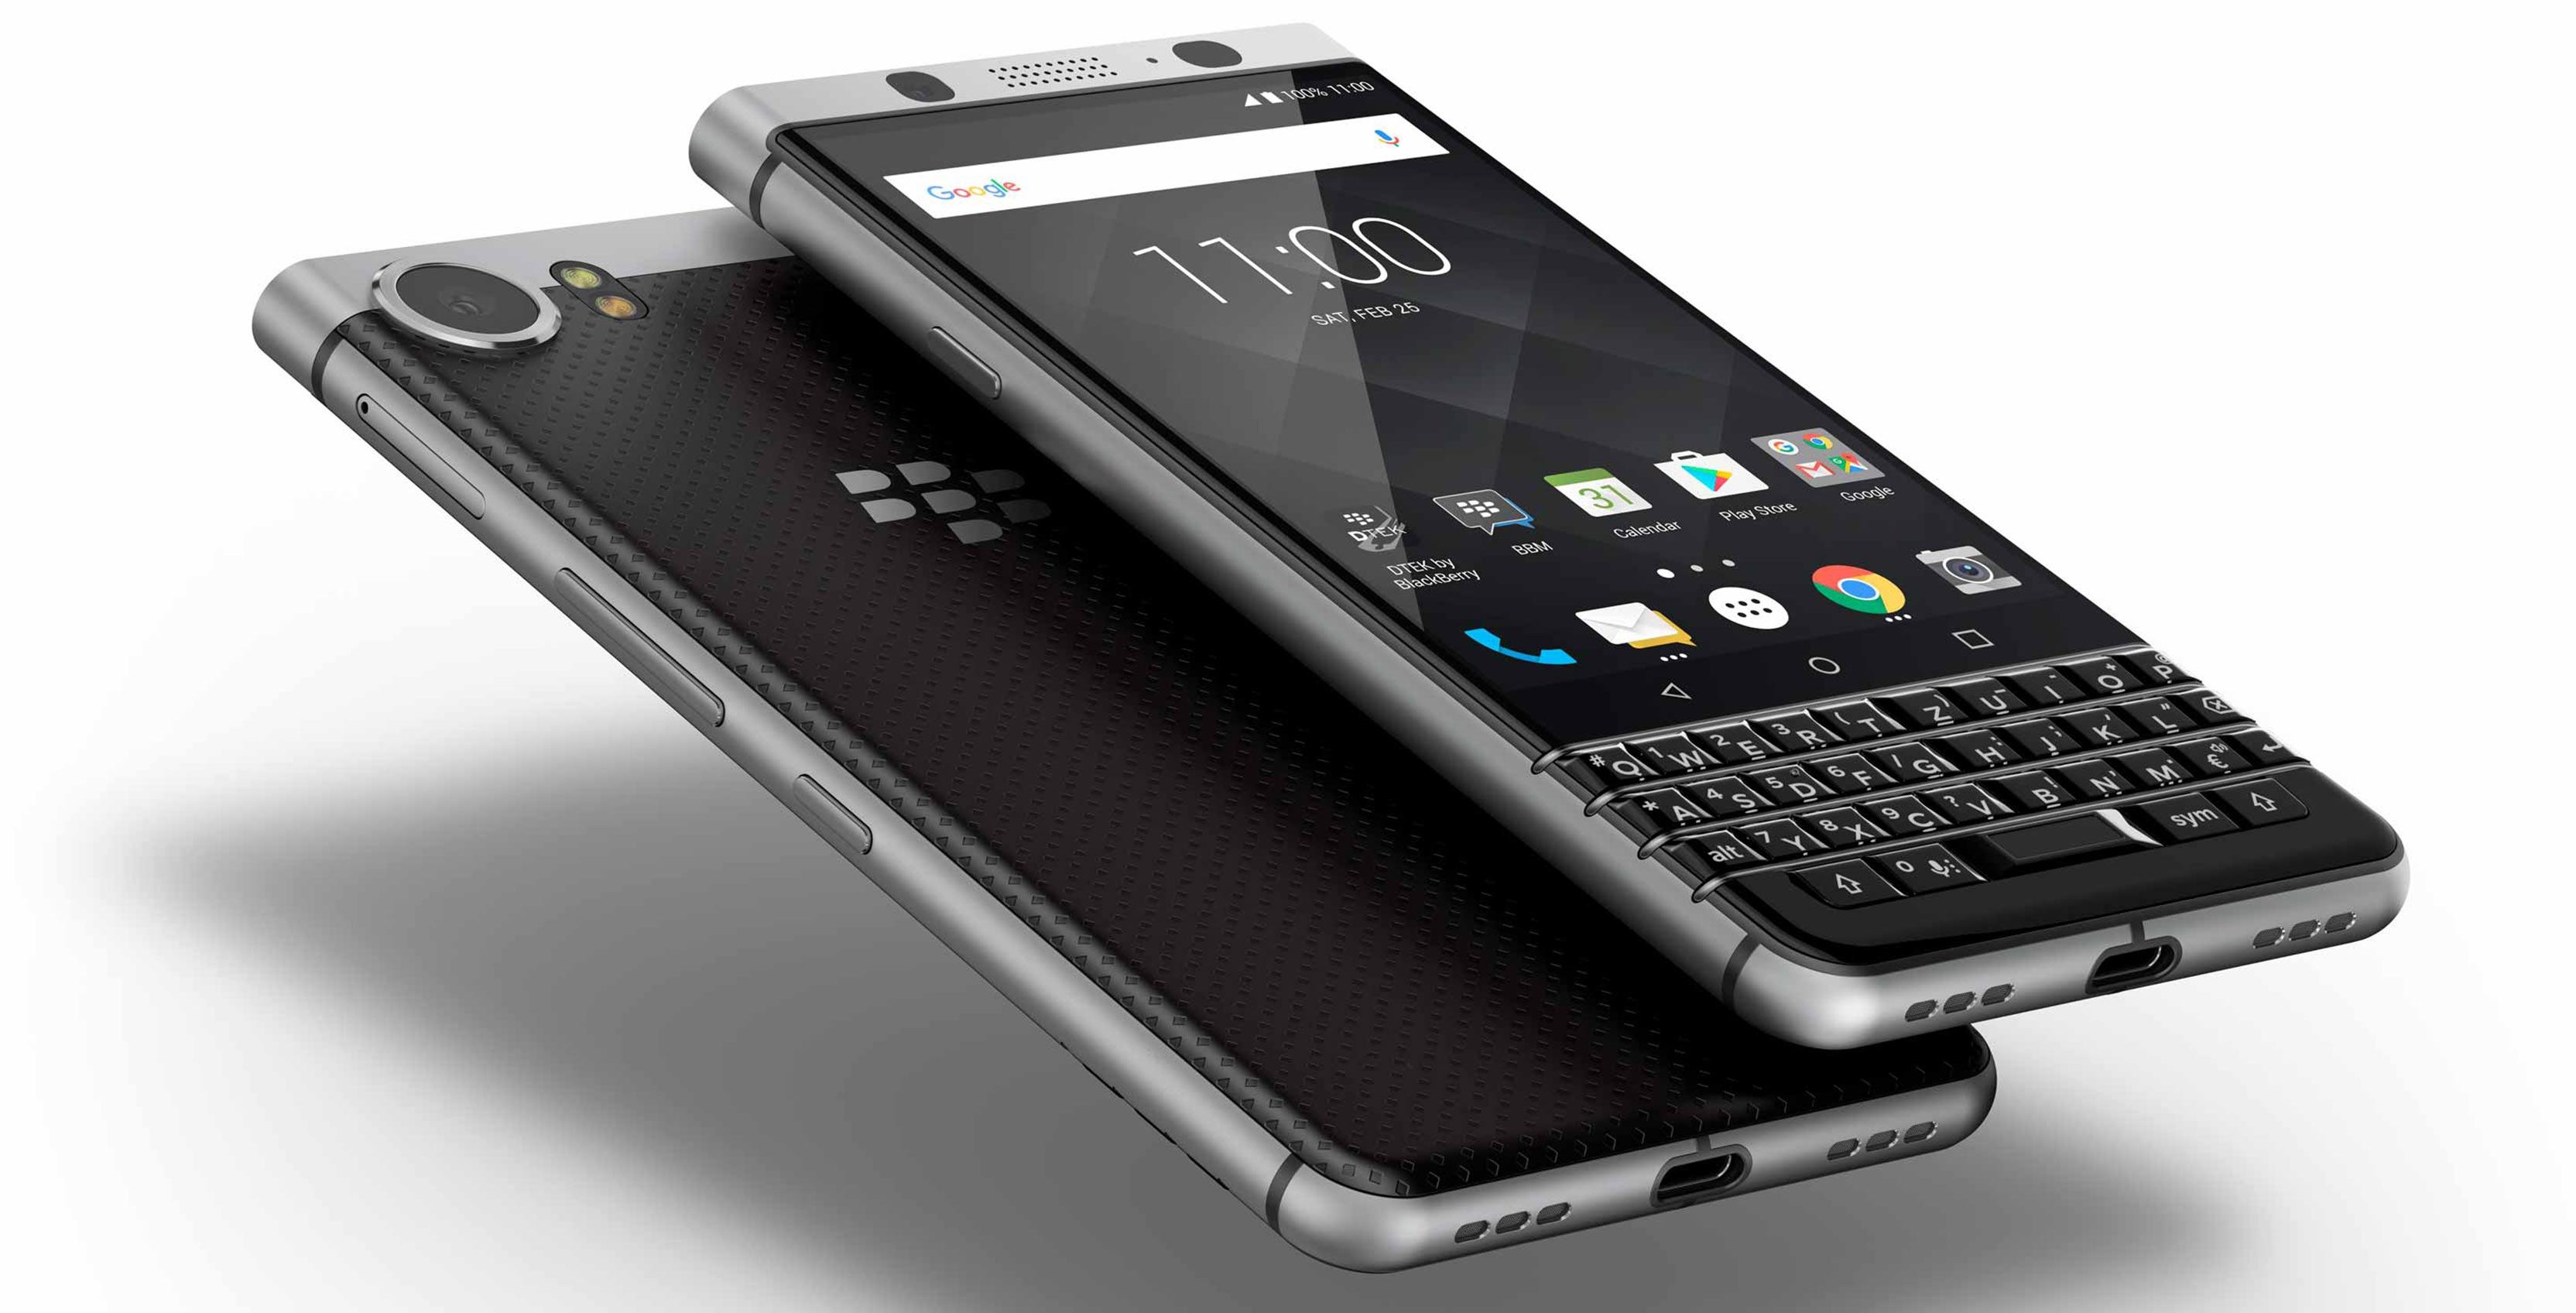 Render of BlackBerry KeyONE smartphone